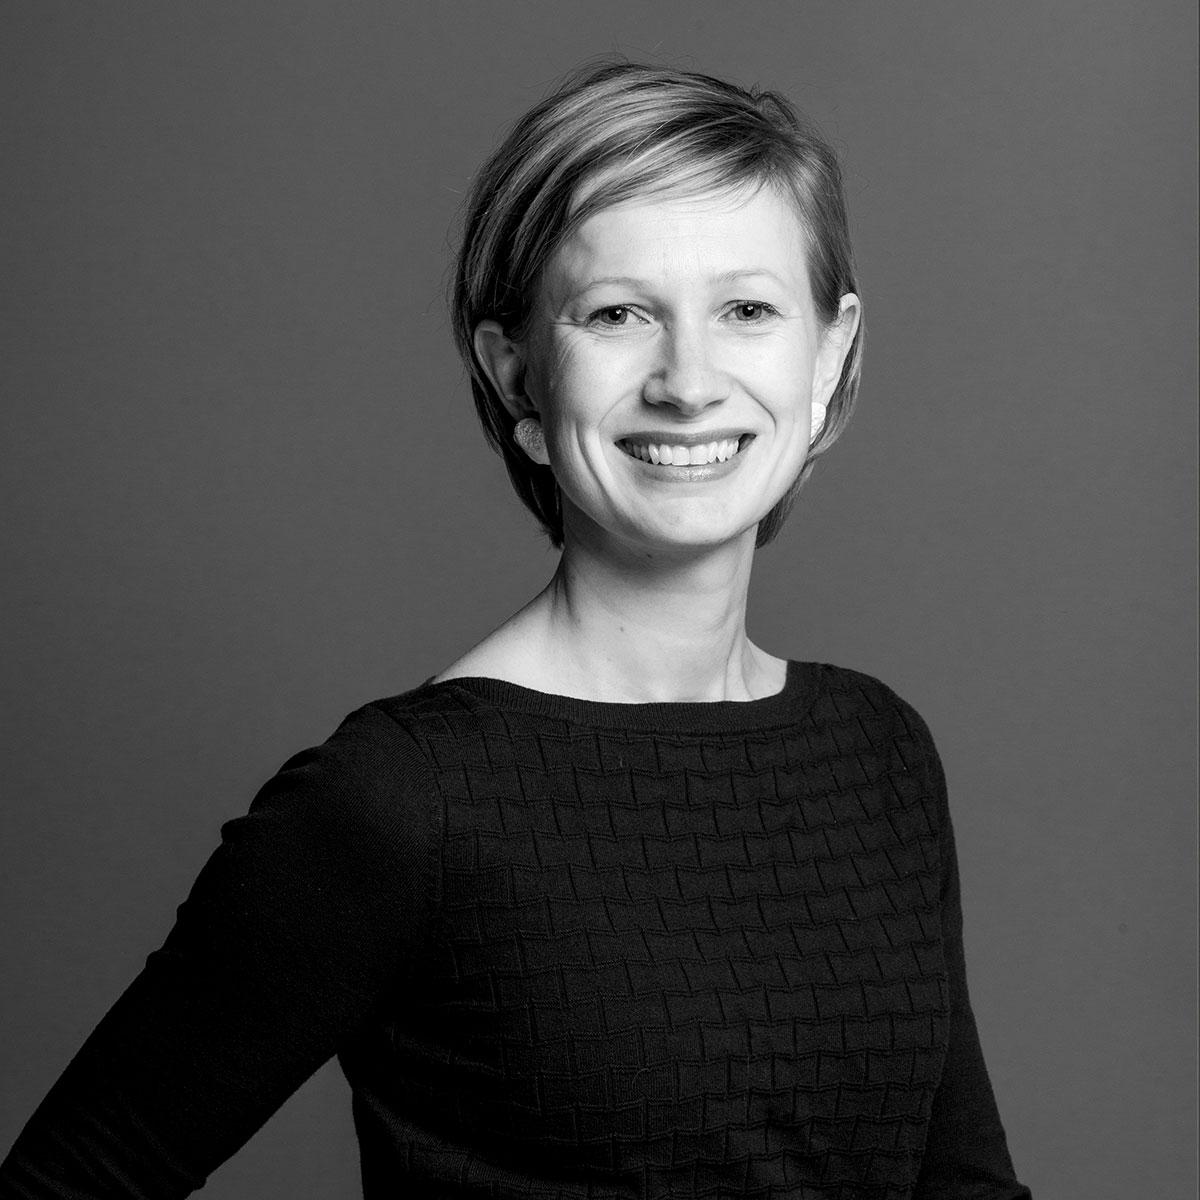 Maria Ianke